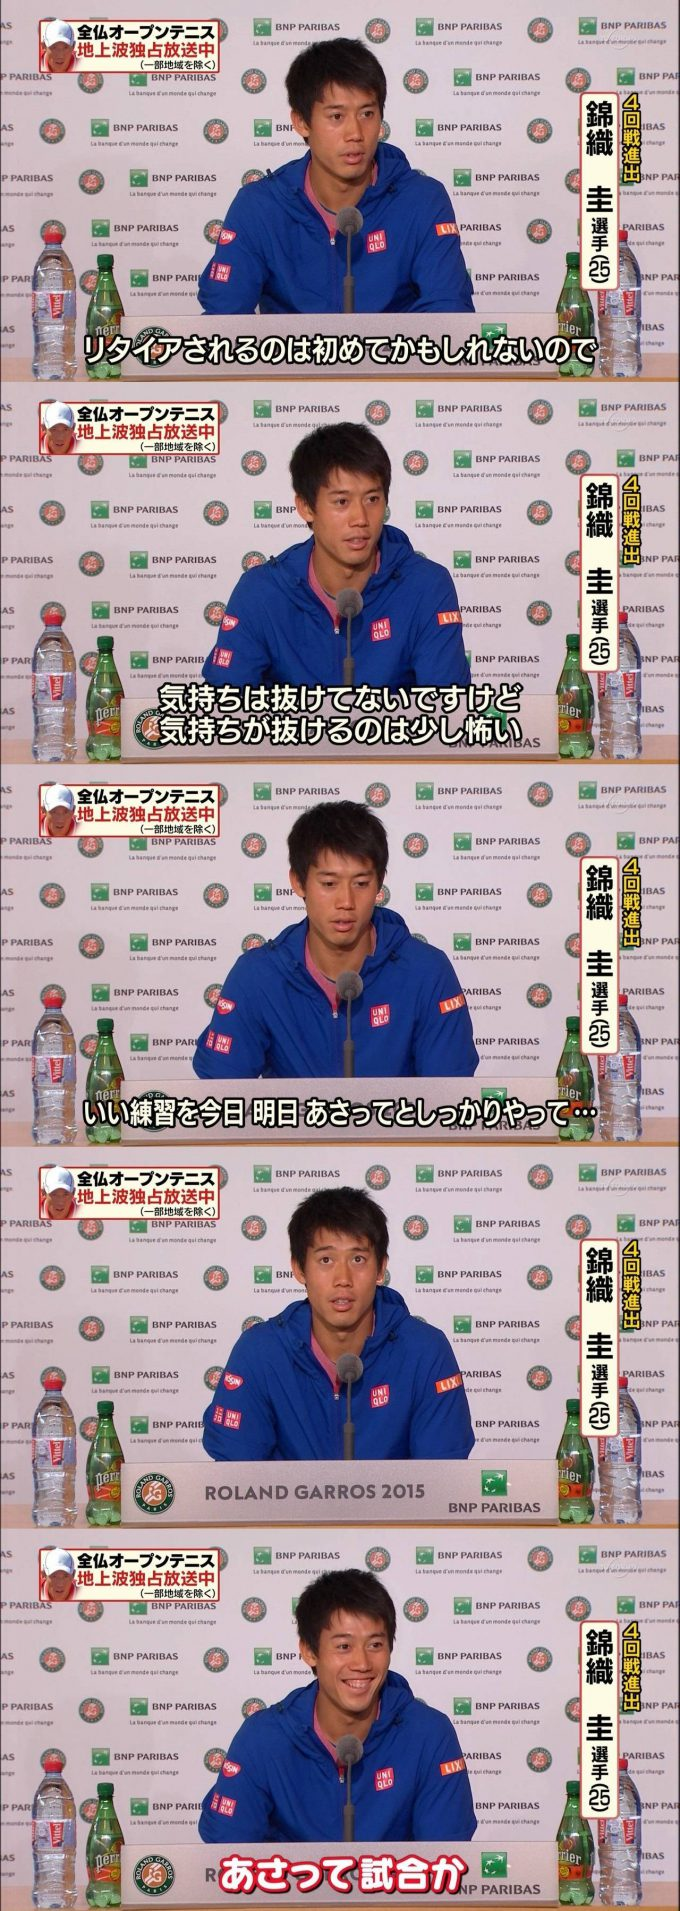 天然? 全仏オープンテニスで4回戦に進出した錦織圭選手の迷インタビュー(笑)tvmovie_0139